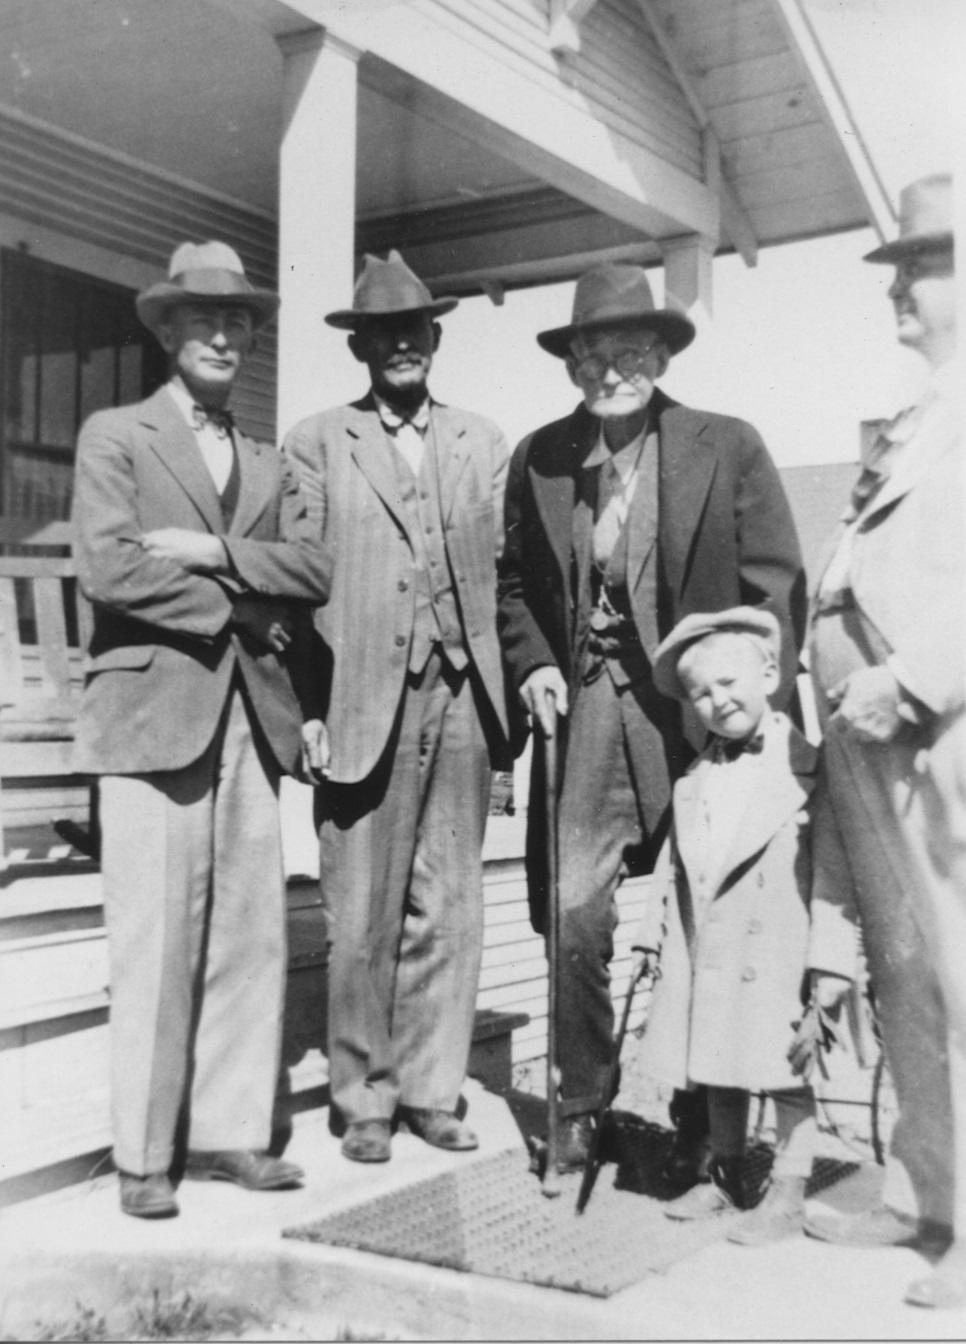 WPL2539 Reuben Dial, Tom Hudspeth, Street Hudspeth, and Gene Dial September 1927